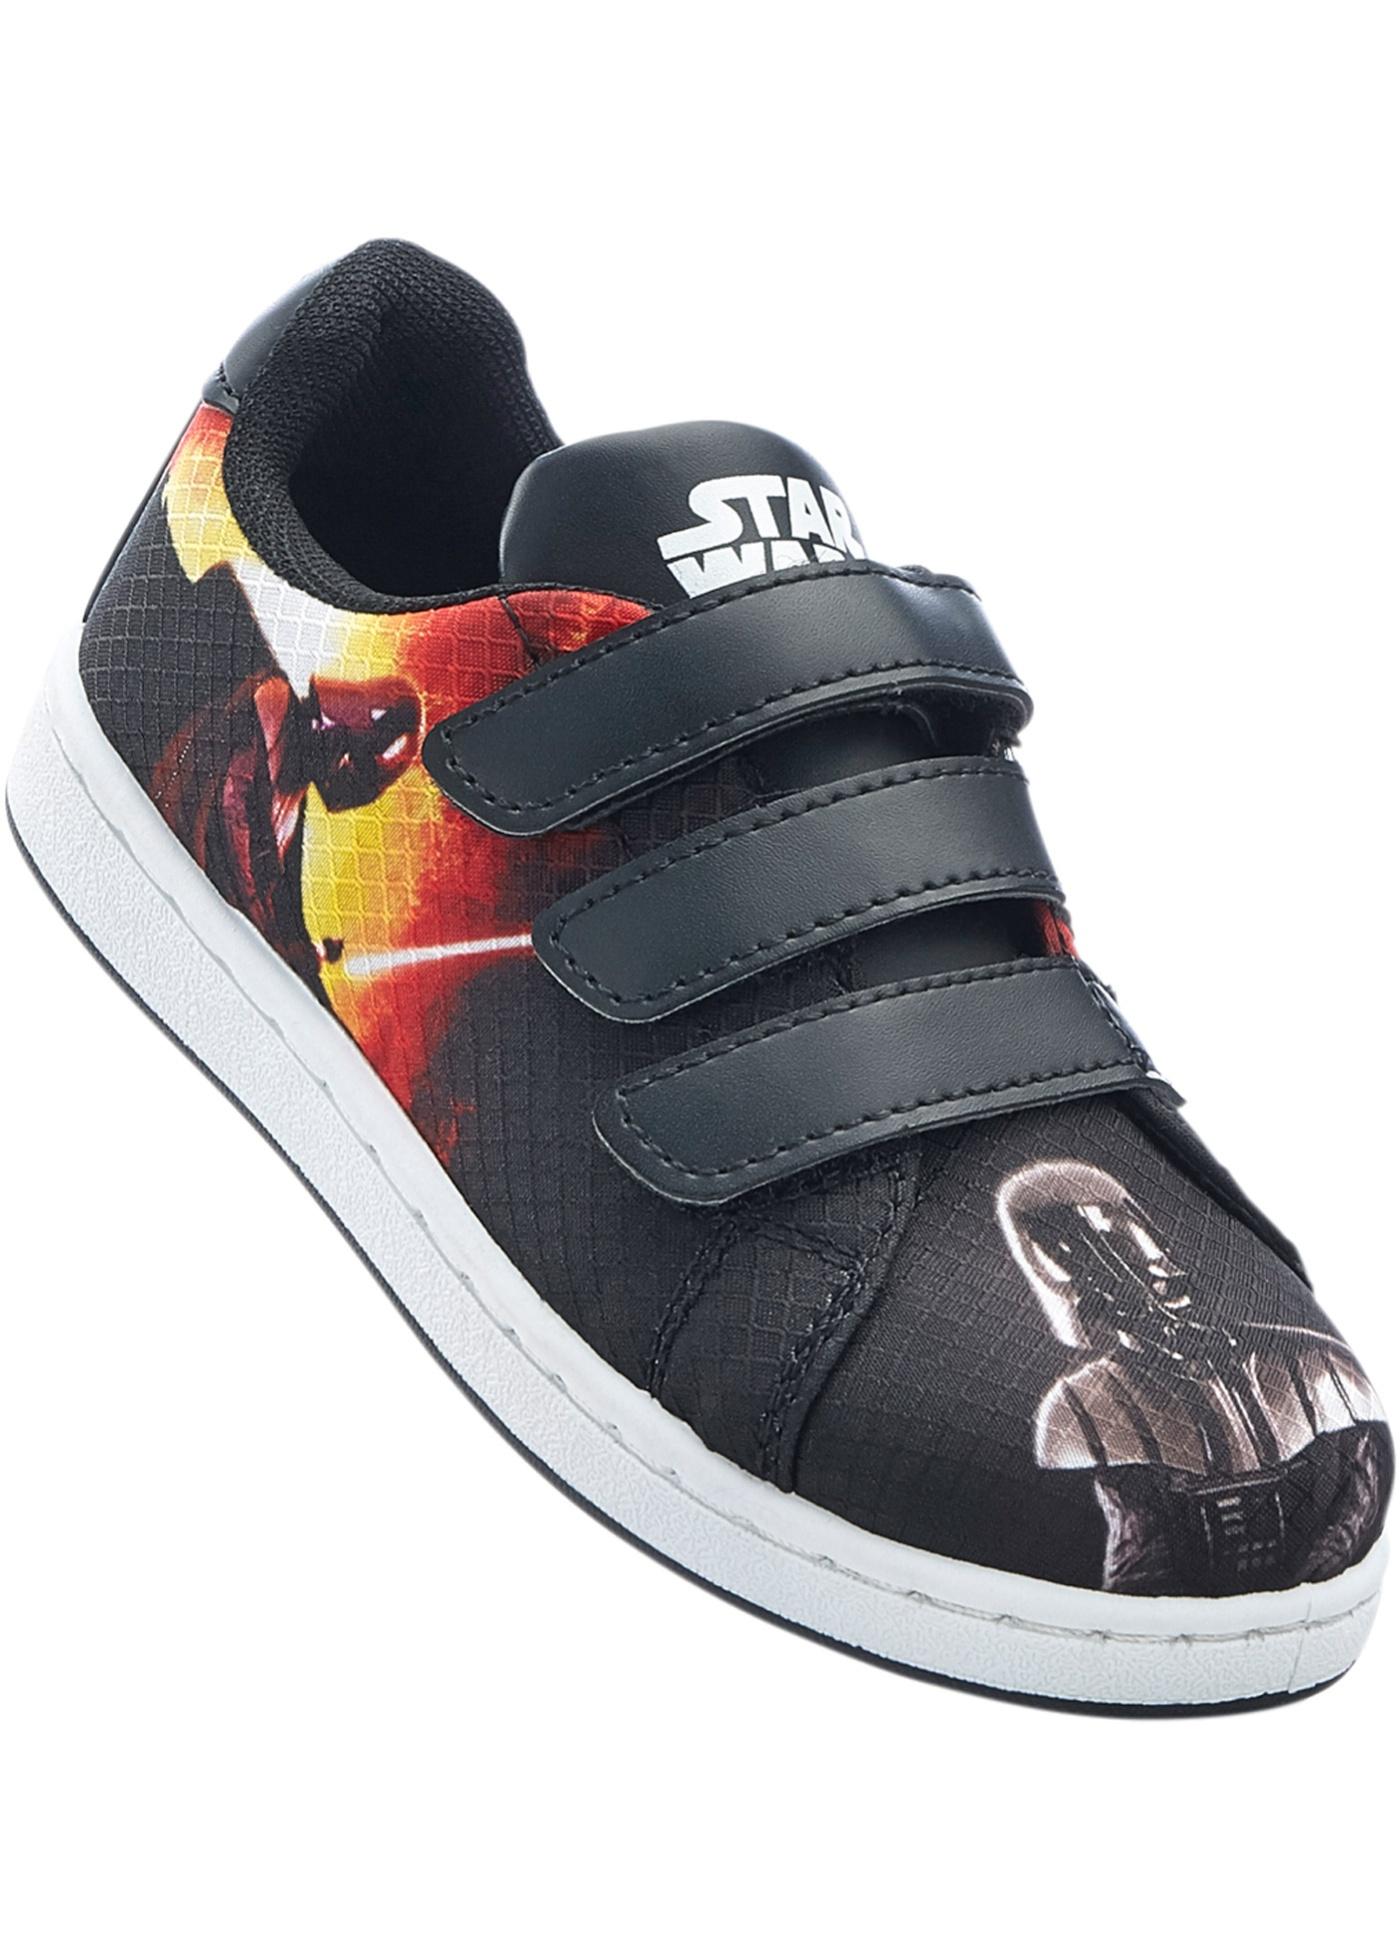 STAR WARS Sneaker  Nero